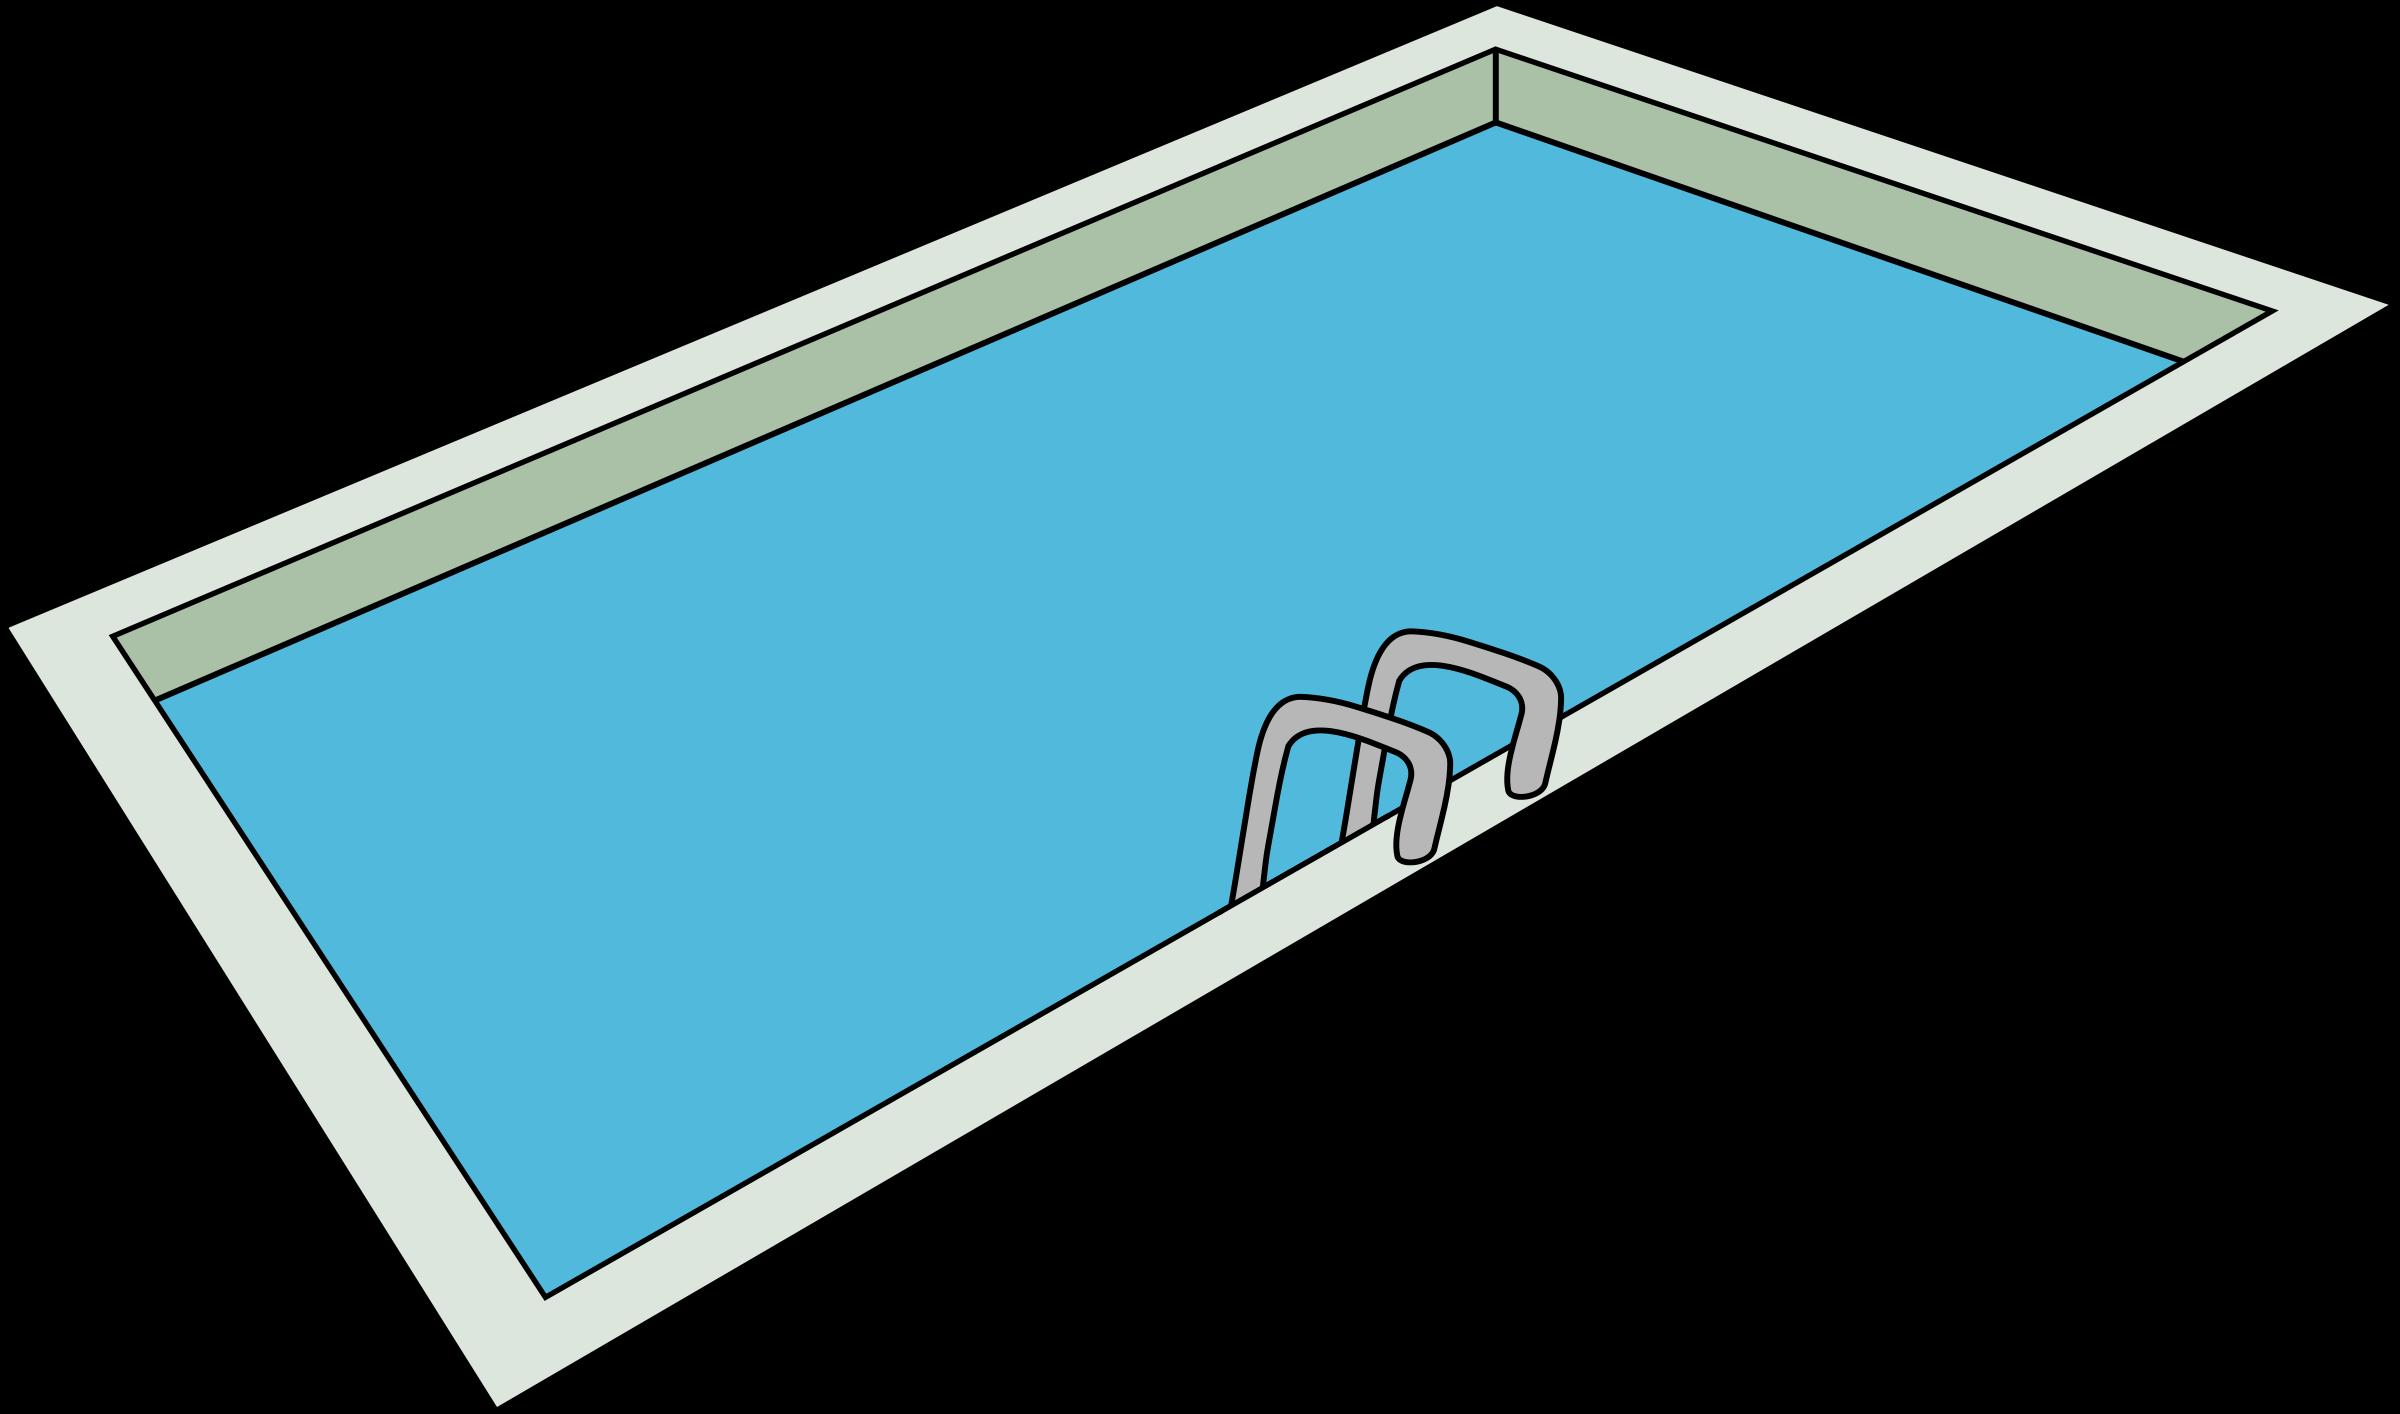 求一张游泳池 的简笔画 不需要太复杂`能看出是游泳池